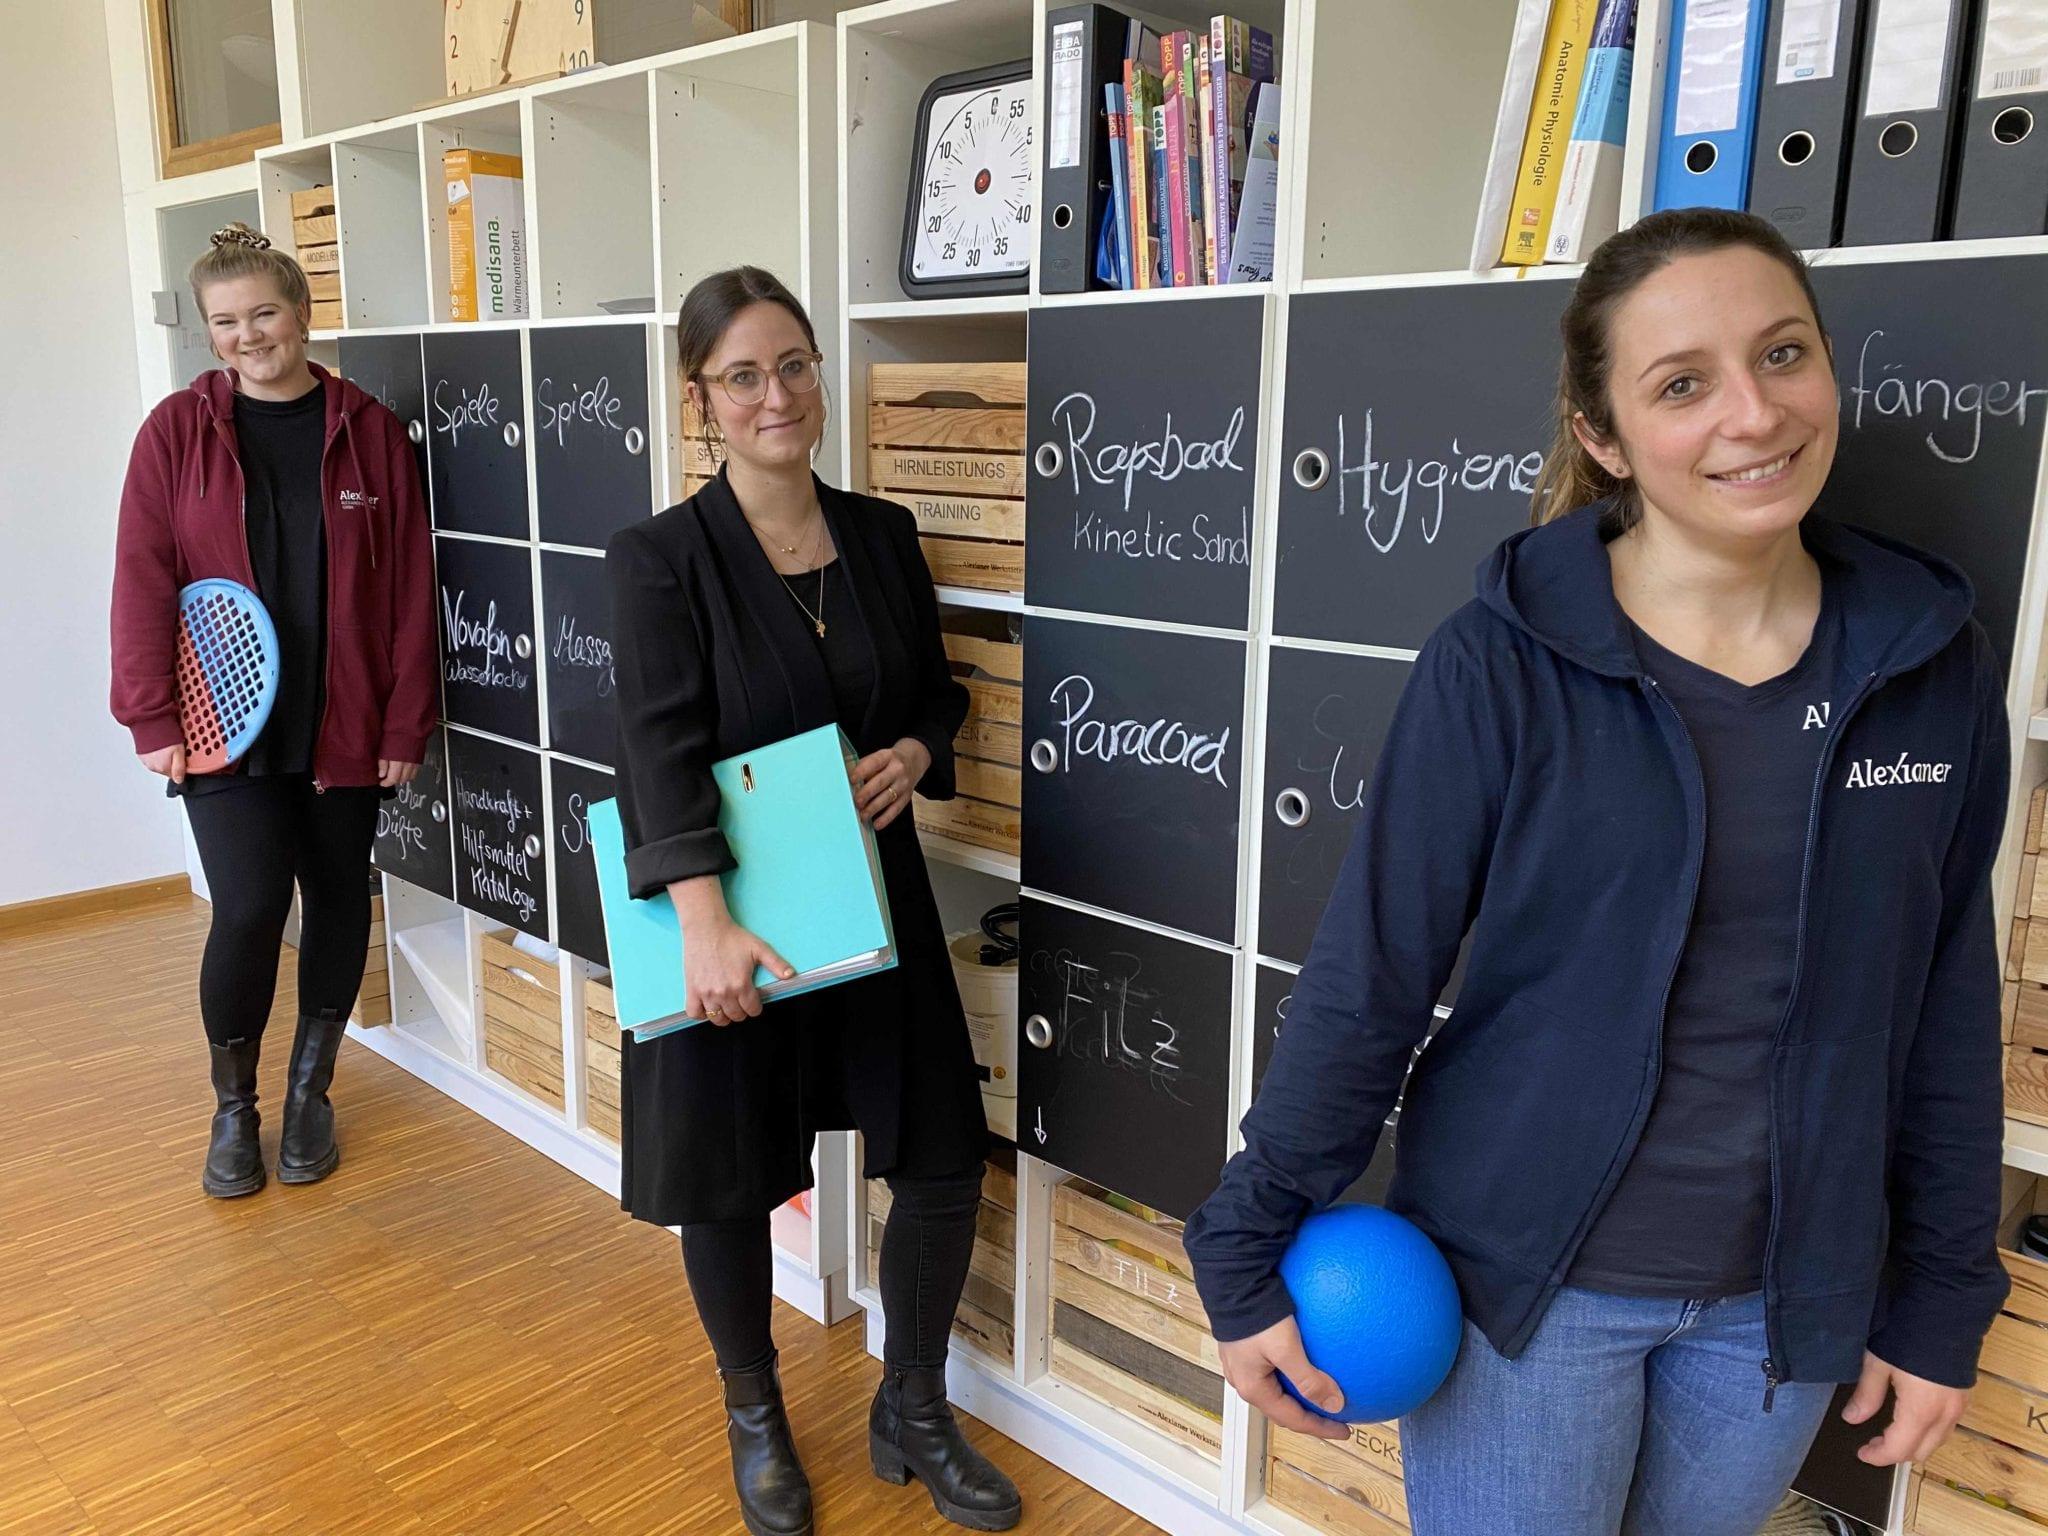 Drei Mitarbeiterinnnen stehen in der Praxis vor einer Materialwand.